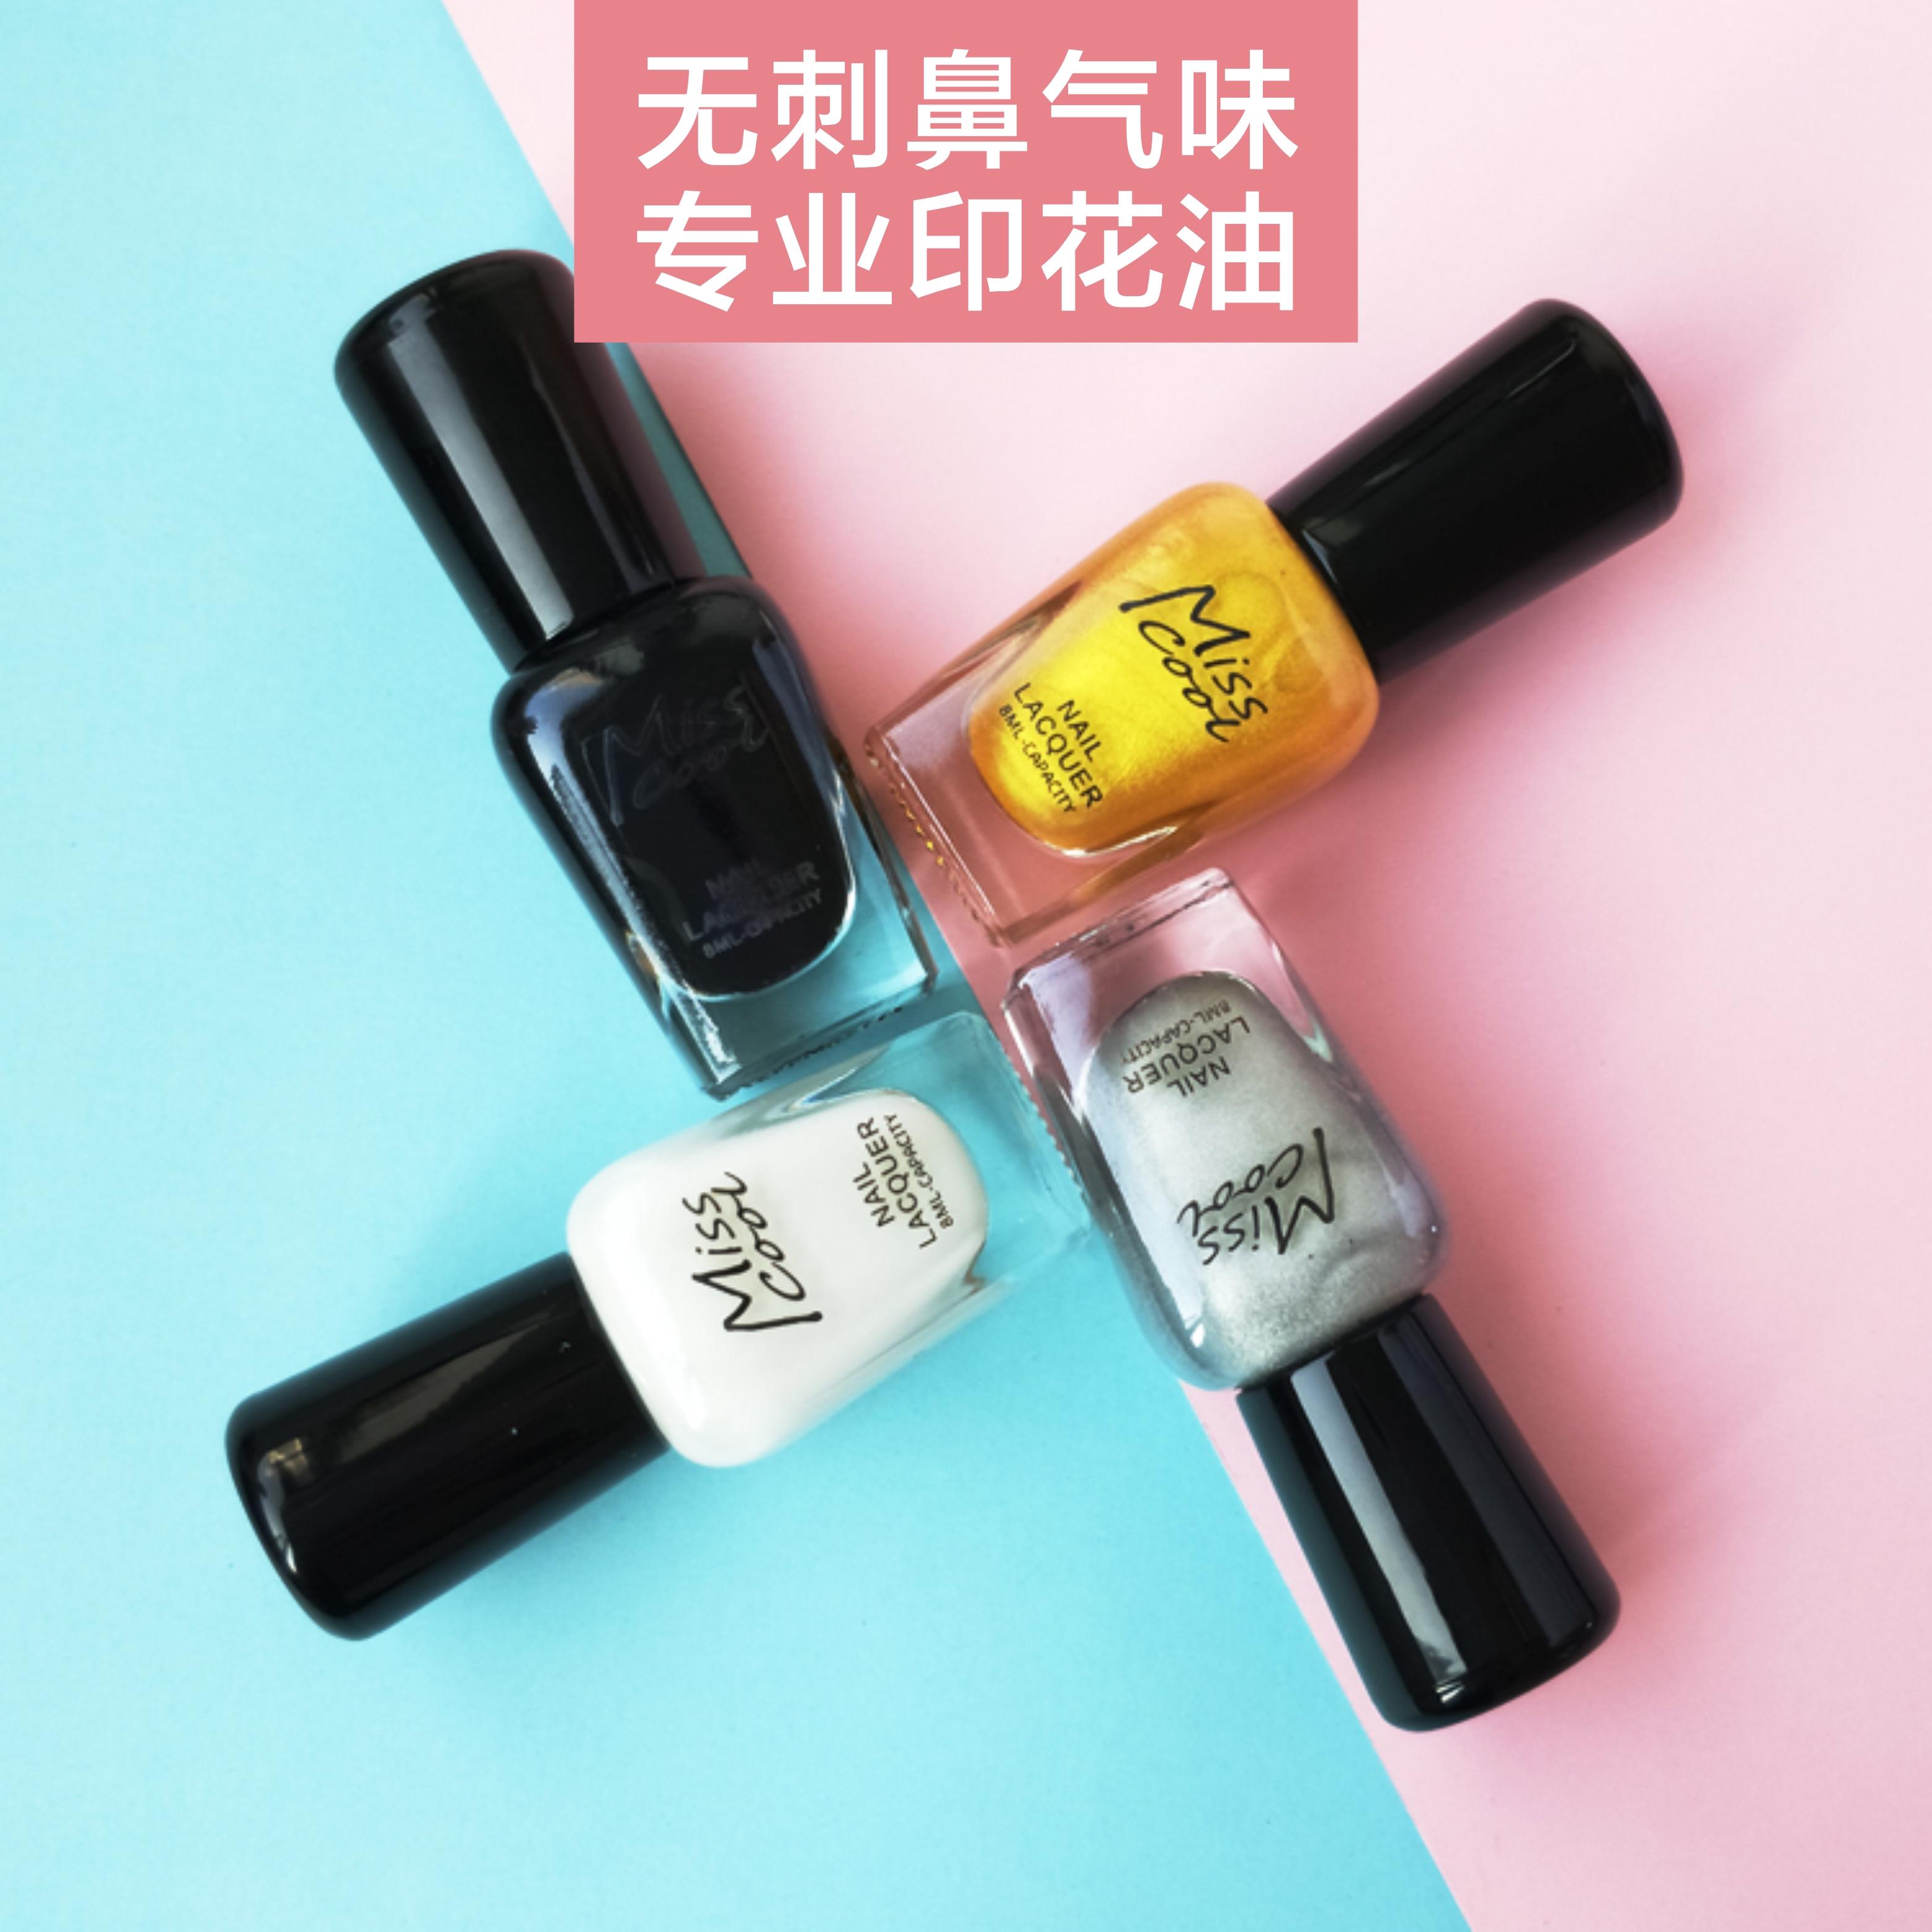 Sơn móng tay Sản phẩm in ấn Nước dựa trên Không mùi Mùi chuyên nghiệp In ấn Dầu Vàng Bạc Manicure Tool Set